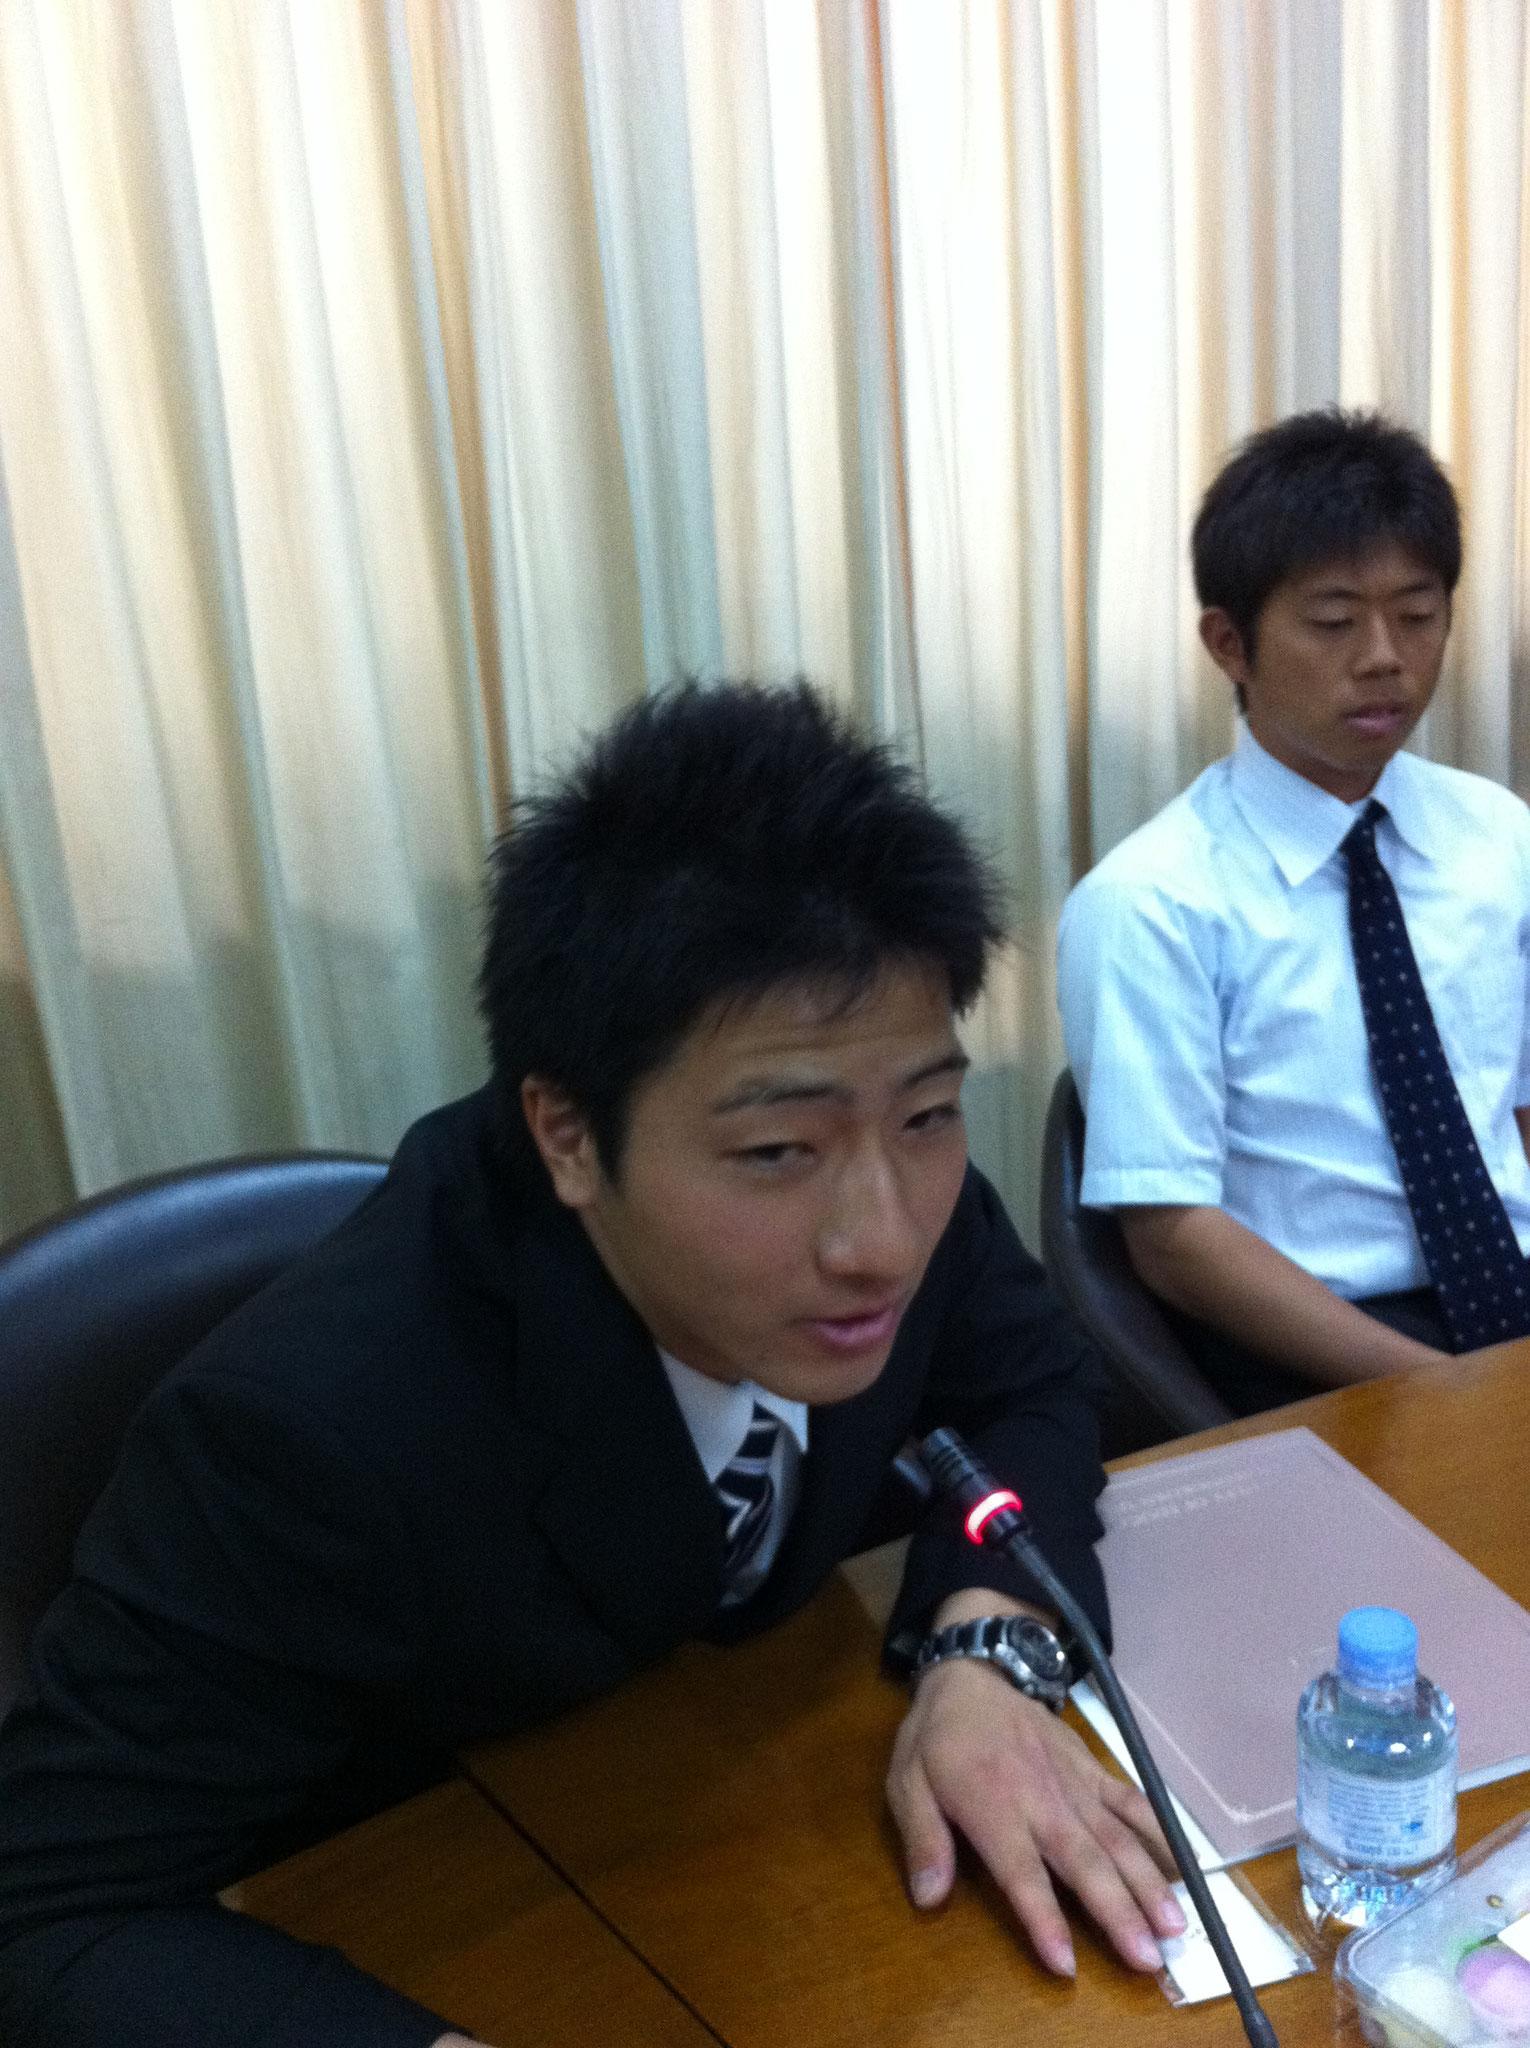 2013年の活動リーダー、廣田真也(筑波大学体育3年)と両角圭介(筑波大学大学院修士2年)